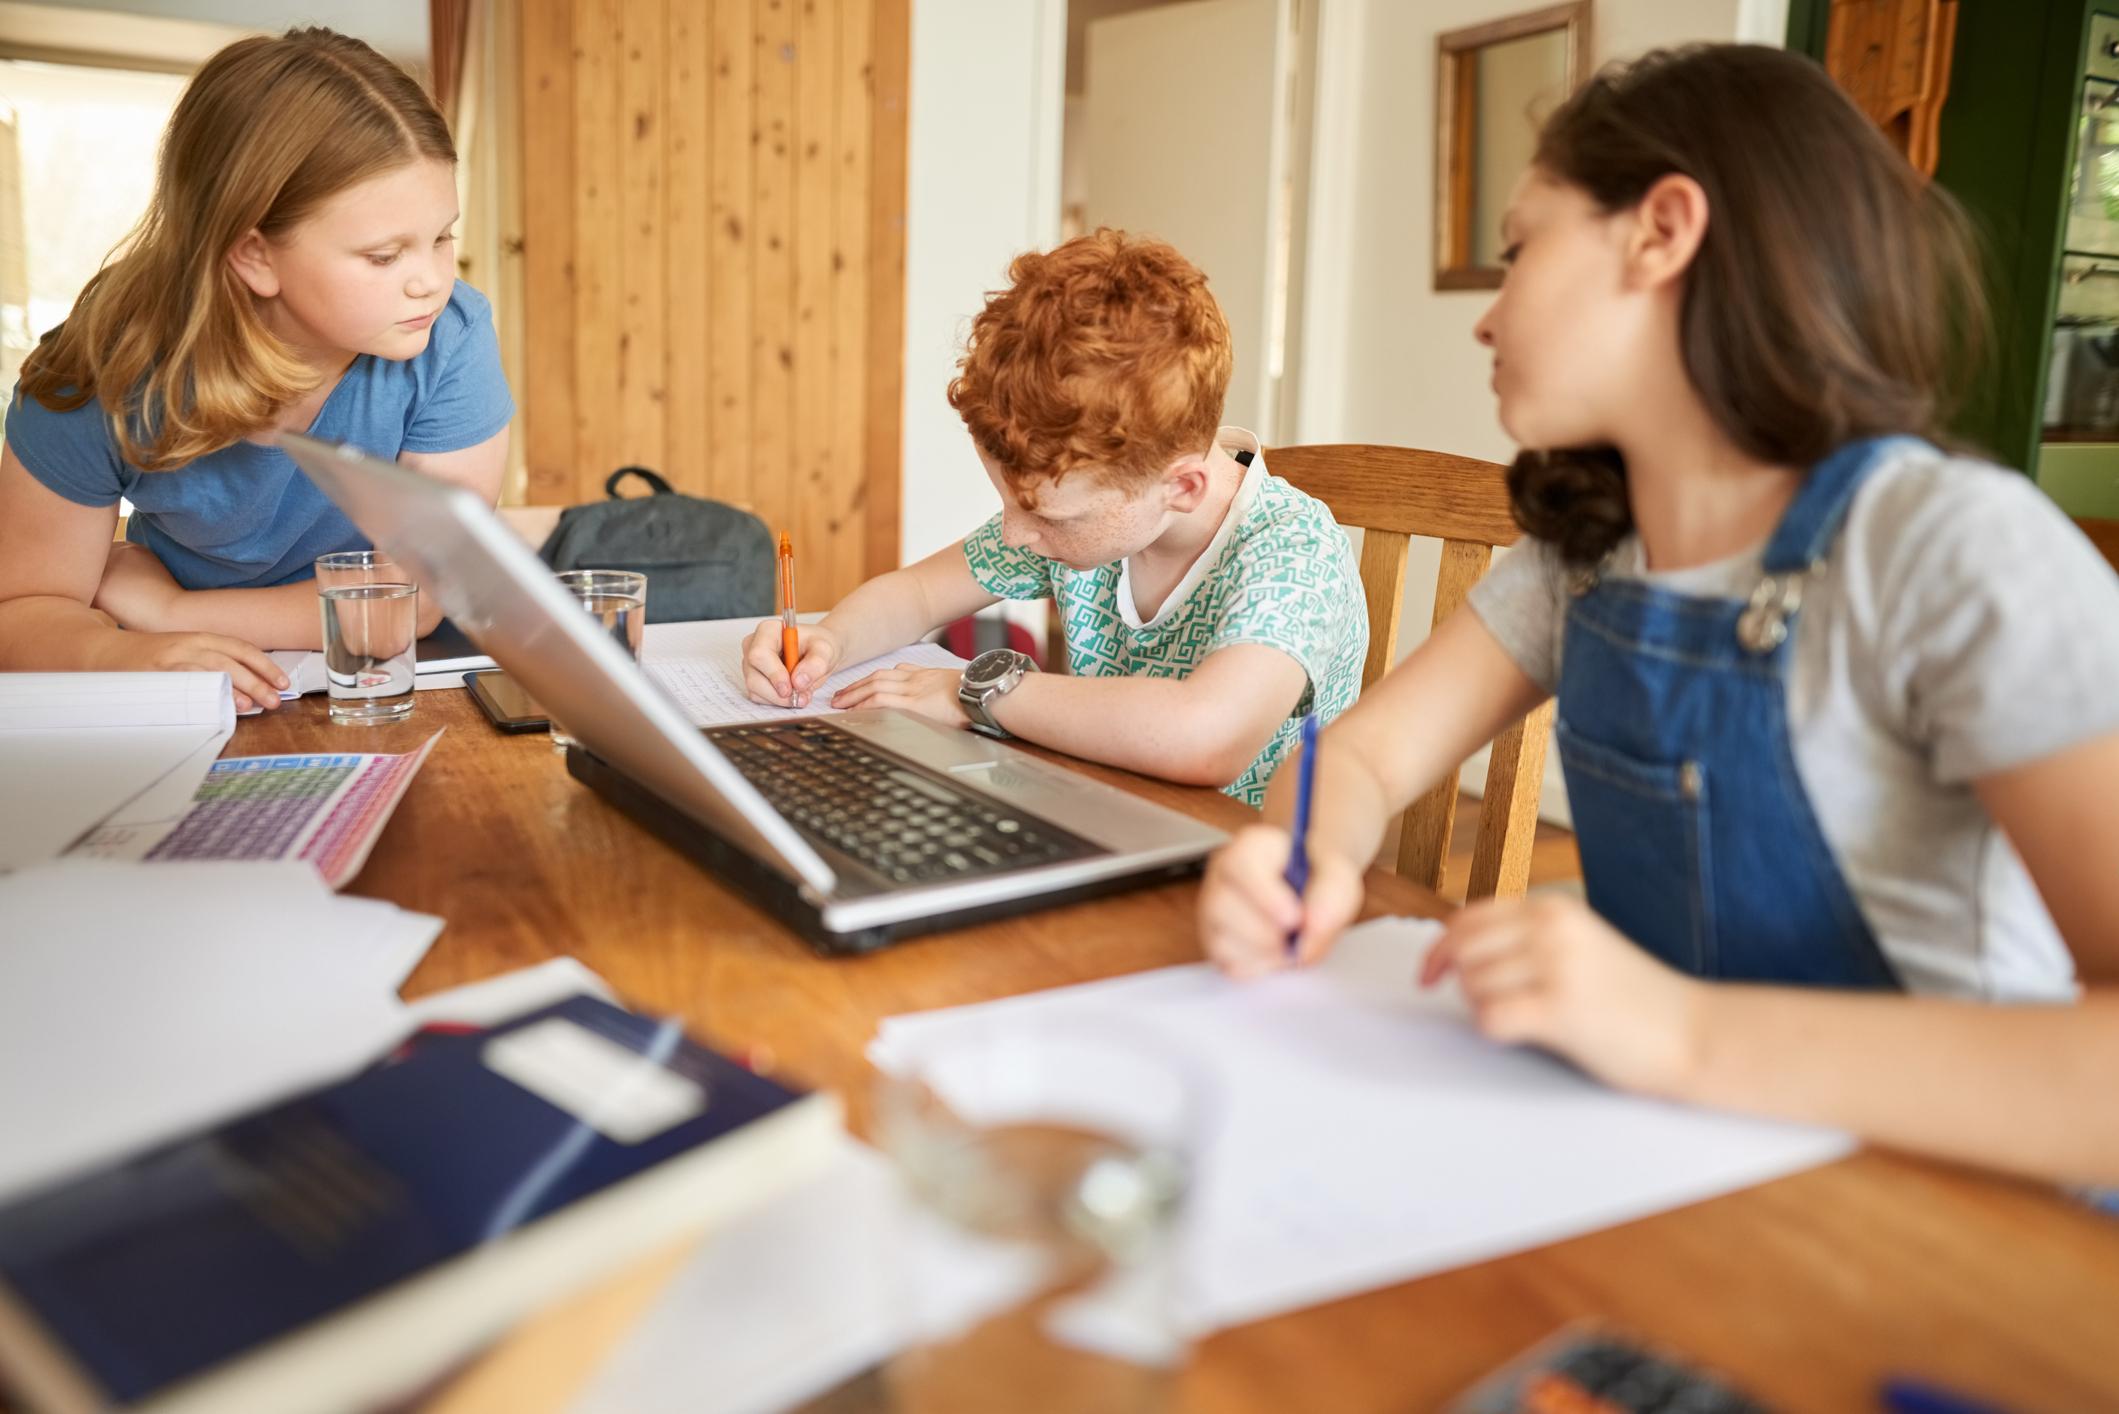 Aprendizagem por Pares nas aulas on-line: benefícios e formas de colocar em prática